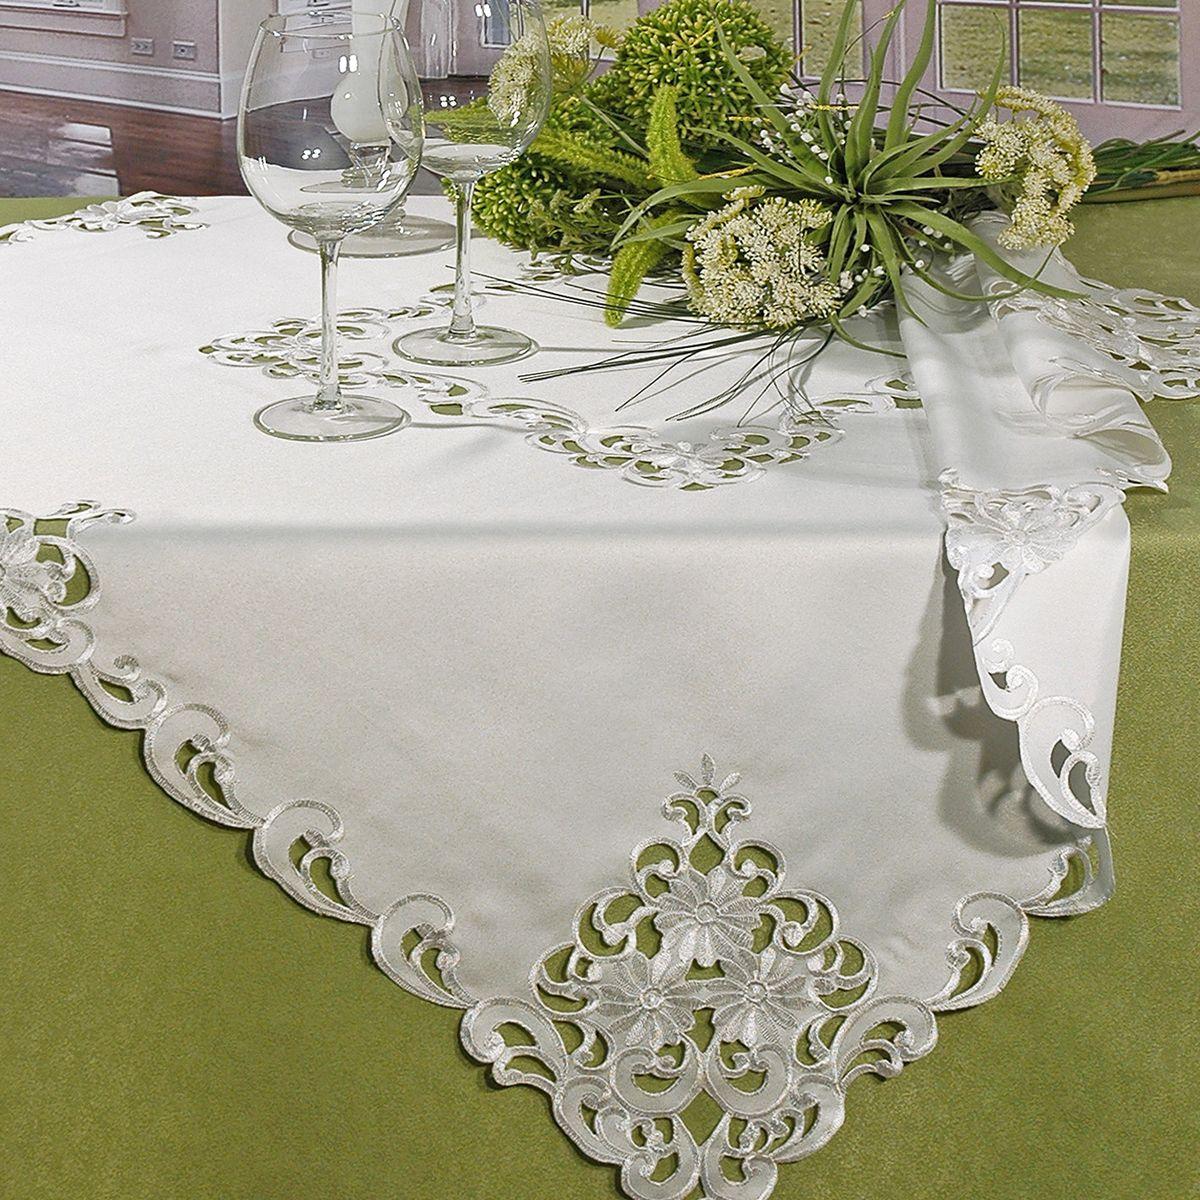 Скатерть Schaefer, квадратная, цвет: белый, 100 см х 100 см. 07195-102VT-1520(SR)Квадратная скатерть Schaefer, выполненная из полиэстера, станет изысканным украшением стола. Изделие декорировано изящной перфорацией по краю. За текстилем из полиэстера очень легко ухаживать: он не мнется, не садится и быстро сохнет, легко стирается, более долговечен, чем текстиль из натуральных волокон.Изделие прекрасно послужит для ежедневного использования на кухне или в столовой, а также подойдет для торжественных случаев и семейных праздников. Стильный дизайн и качество исполнения сделают такую скатерть отличным приобретением для дома. Это текстильное изделие станет элегантным украшением интерьера!